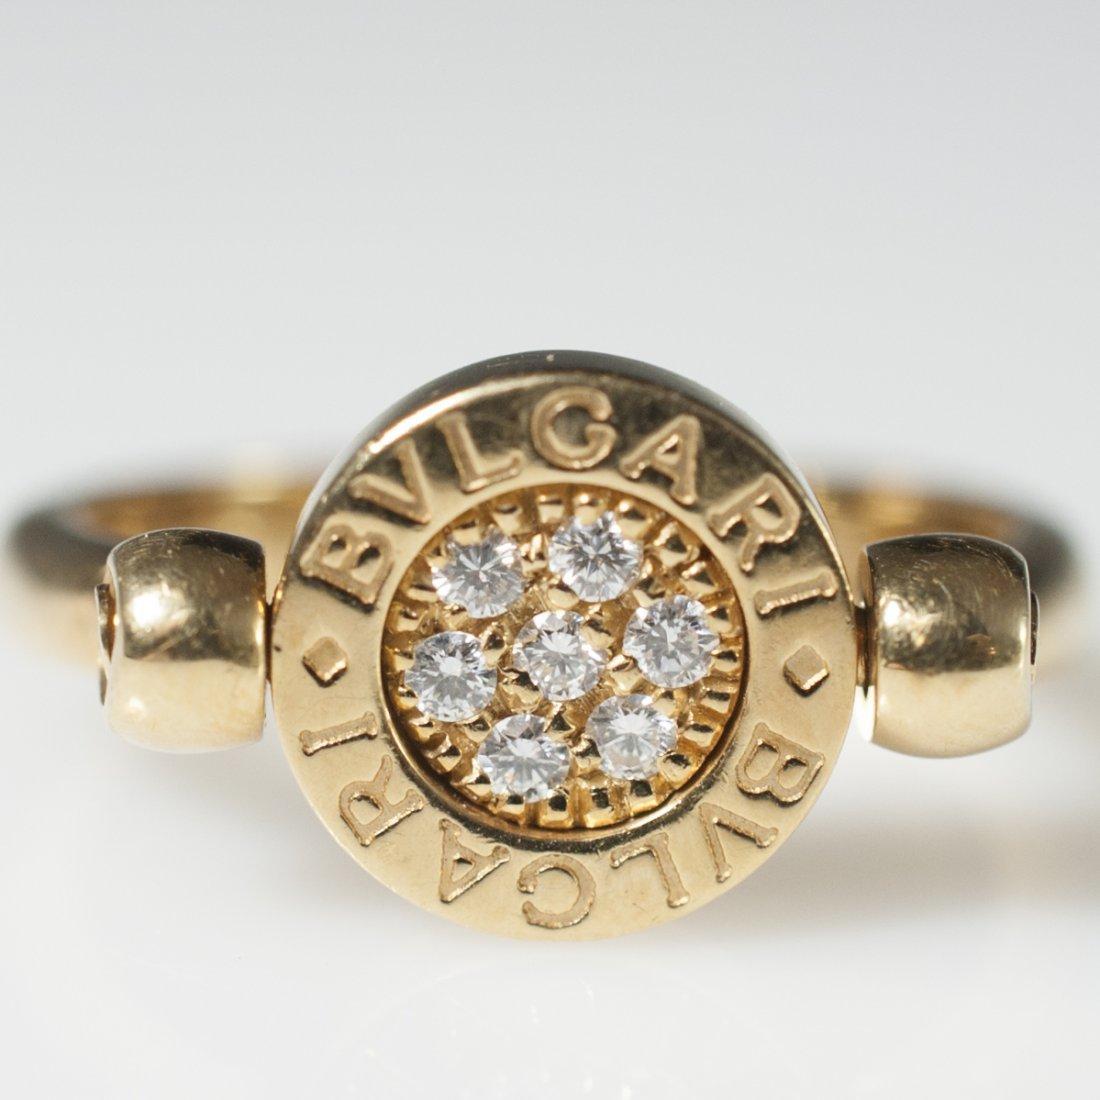 Bvlgari 18kt Gold & Diamond Flip Ring - 4